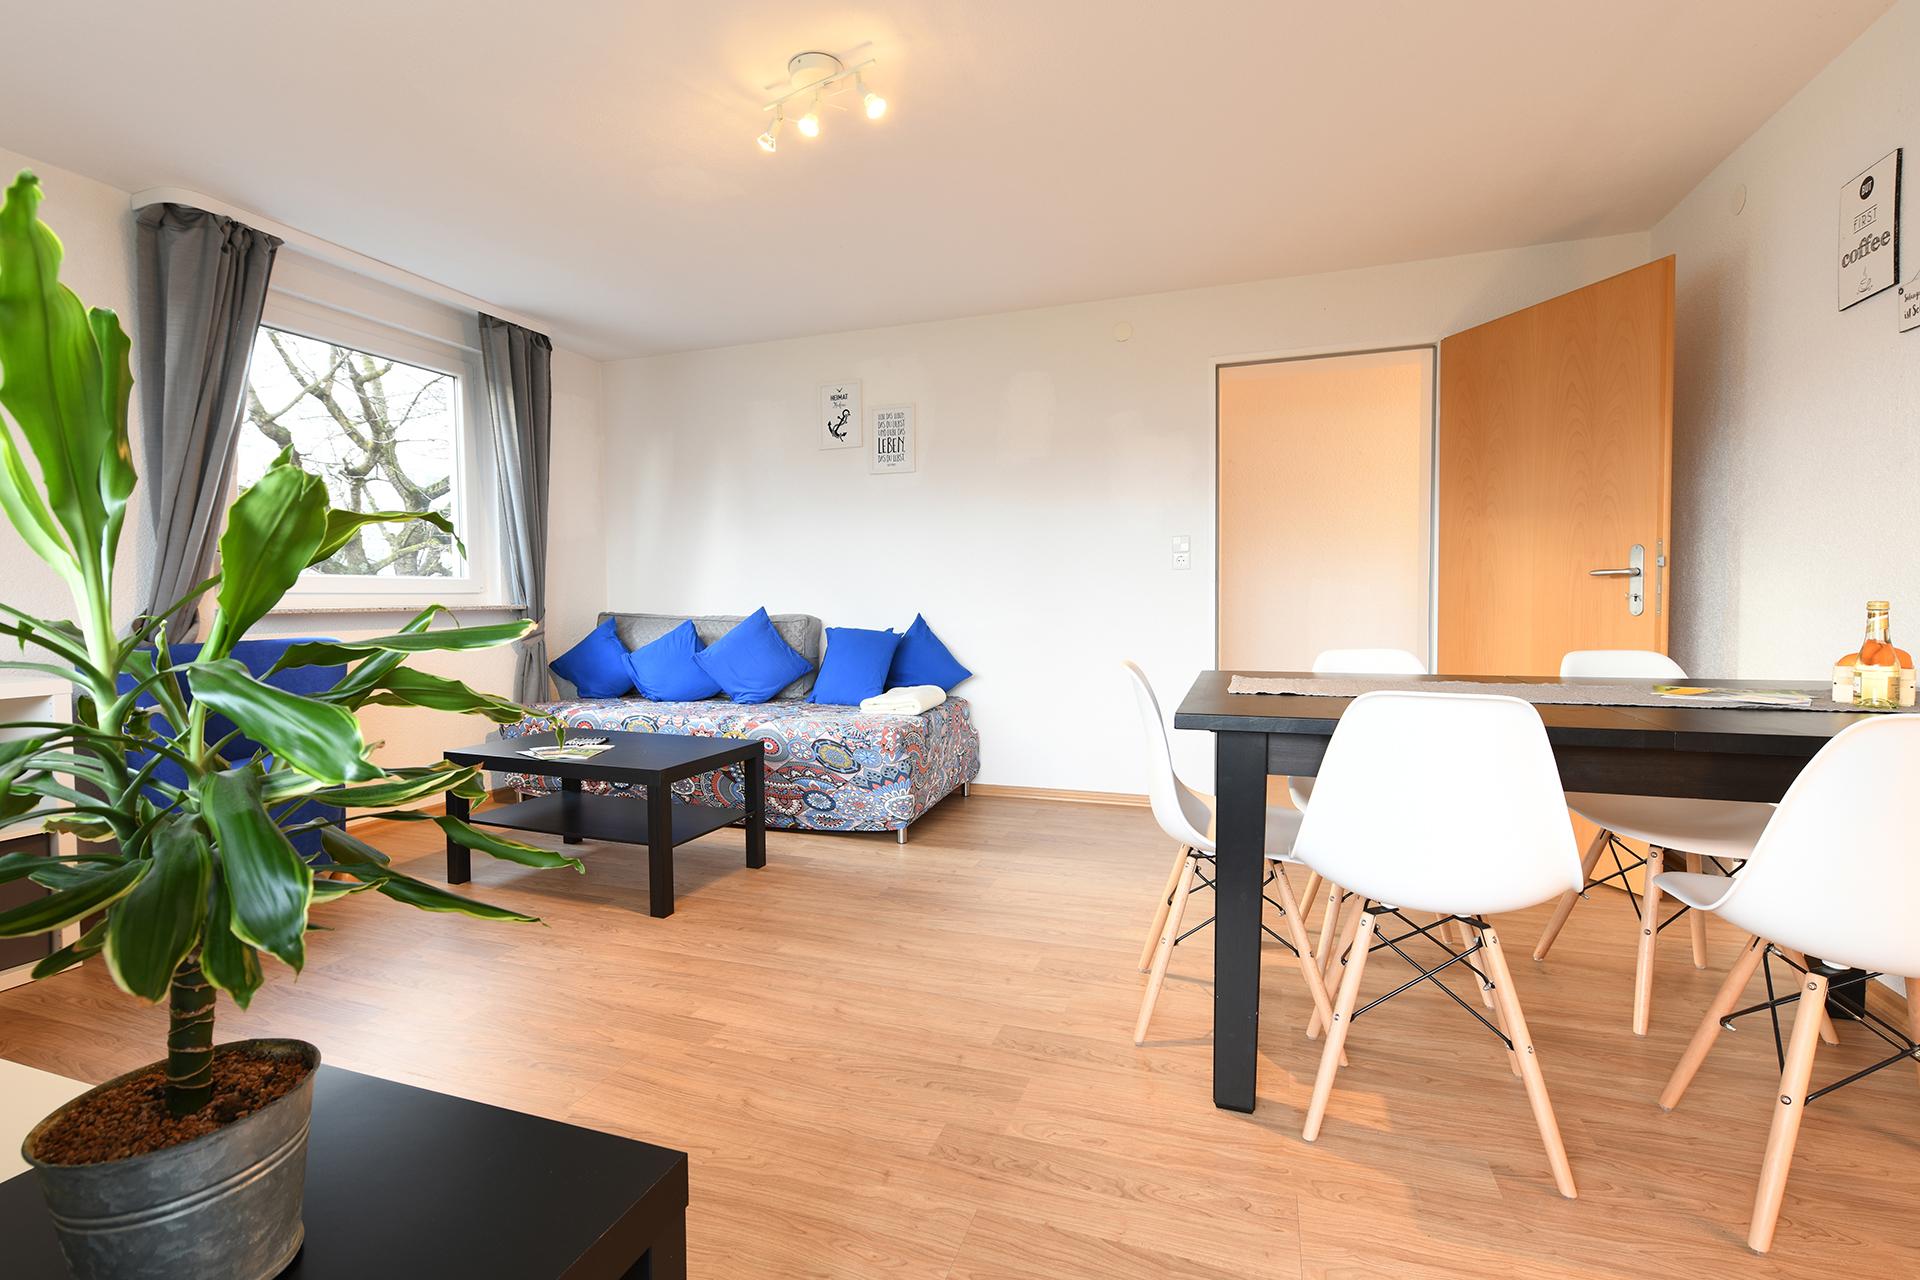 Ferienwohnung am Bodensee: Markdorf - Wohnzimmer